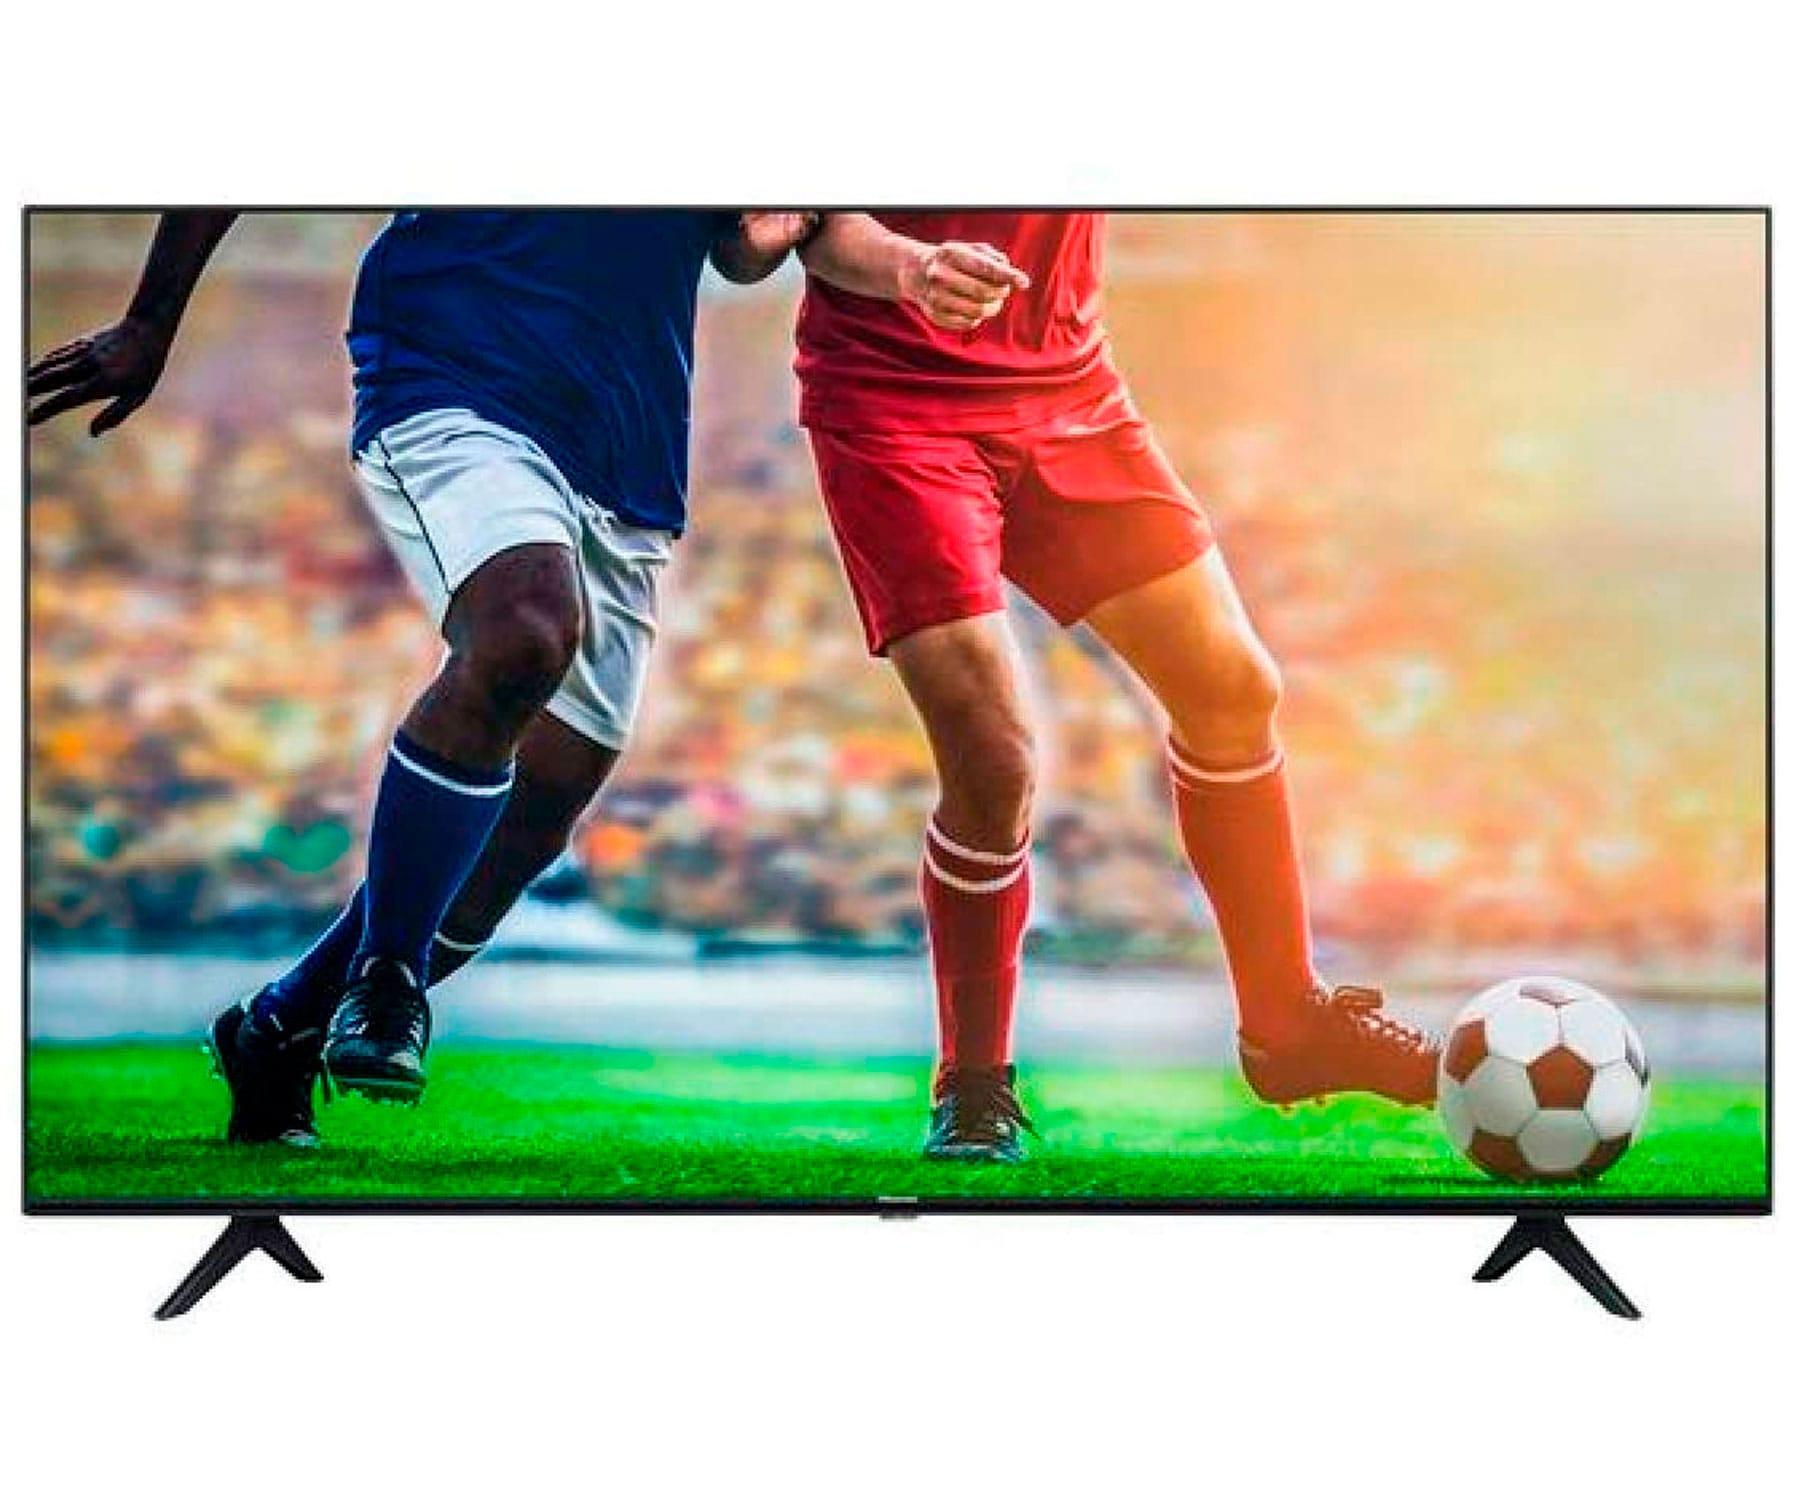 HISENSE H70A7100F TELEVISOR 70'' SMART TV LED 4K UHD HDR 1600PCI CI+ HDMI USB  BLUETOOTH